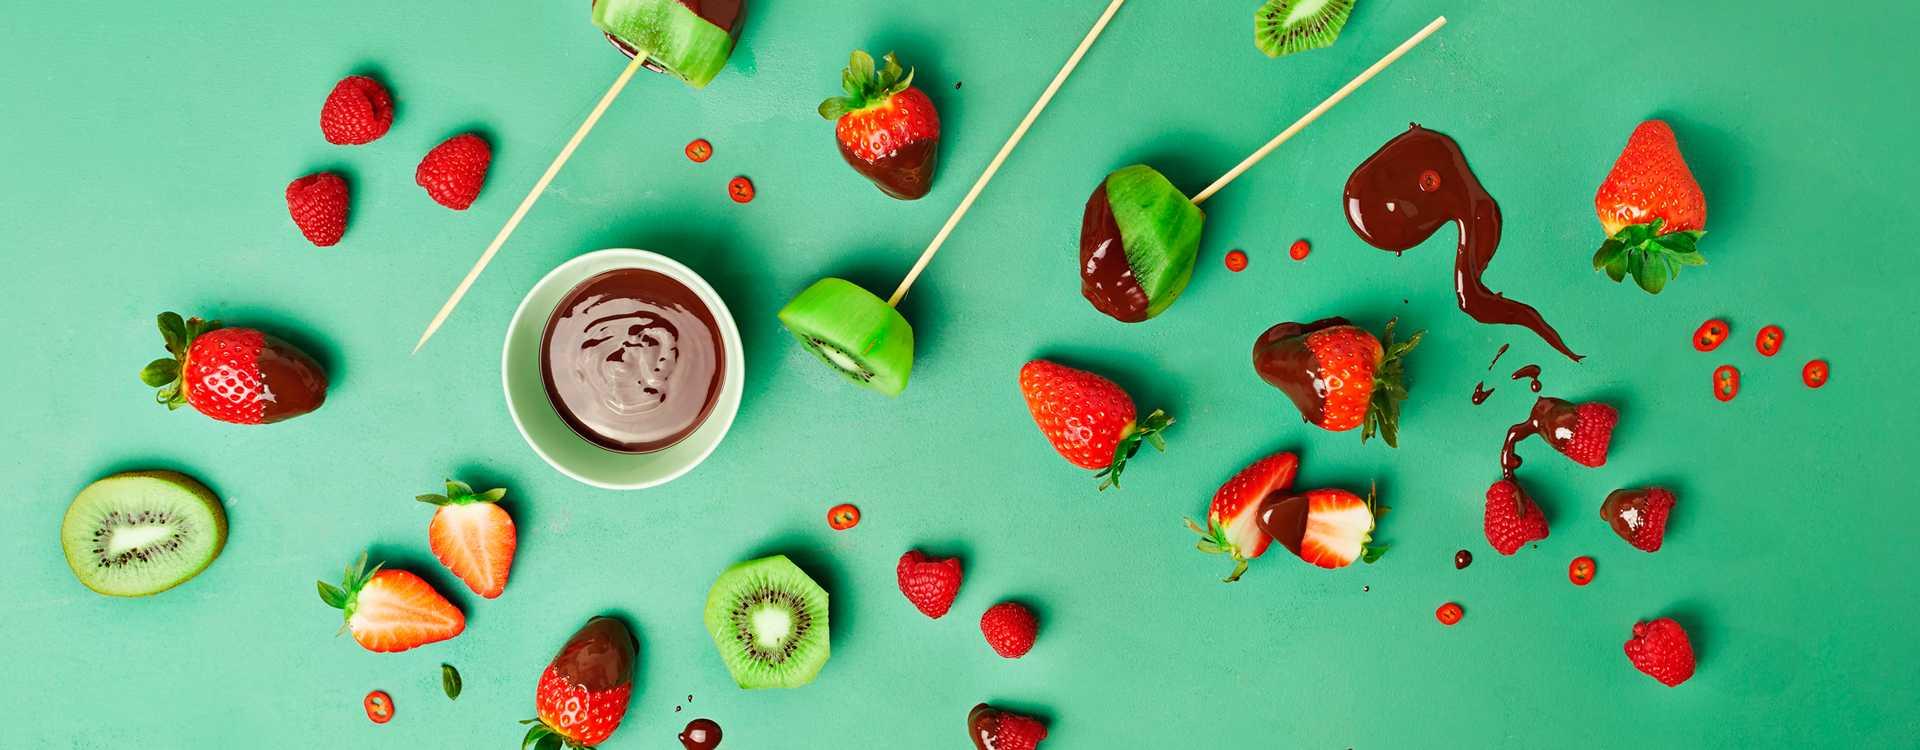 Sjokoladedyppet frukt og bær